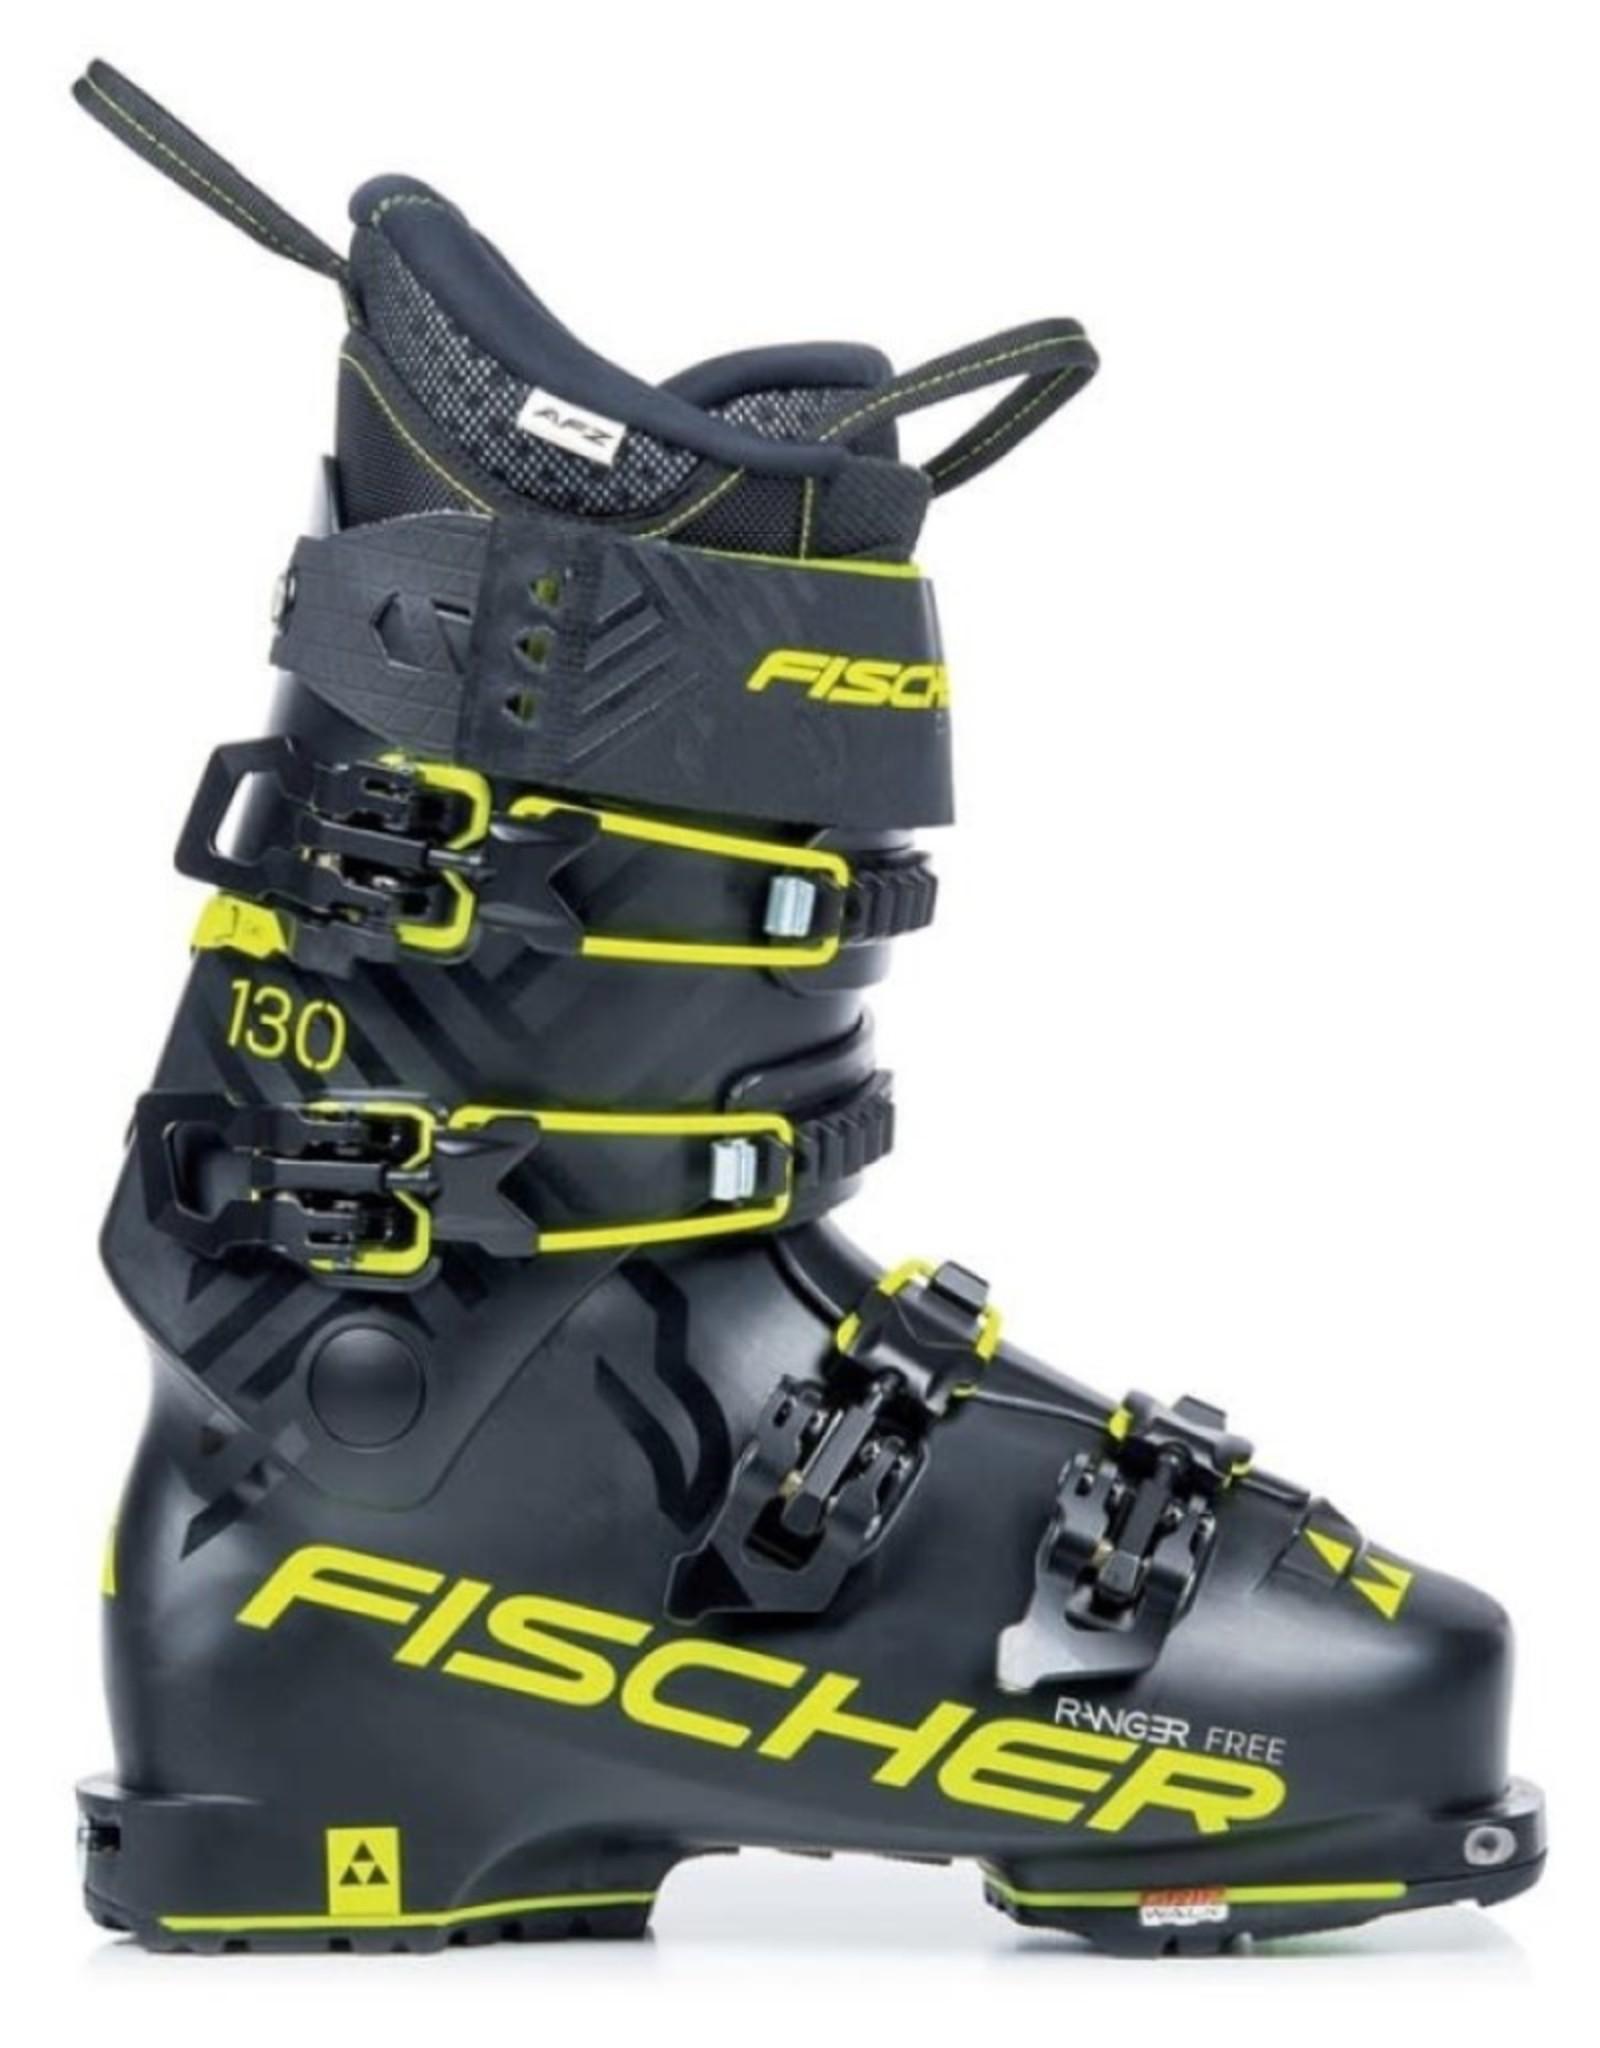 Demo Fischer Ranger Free 130 26.5